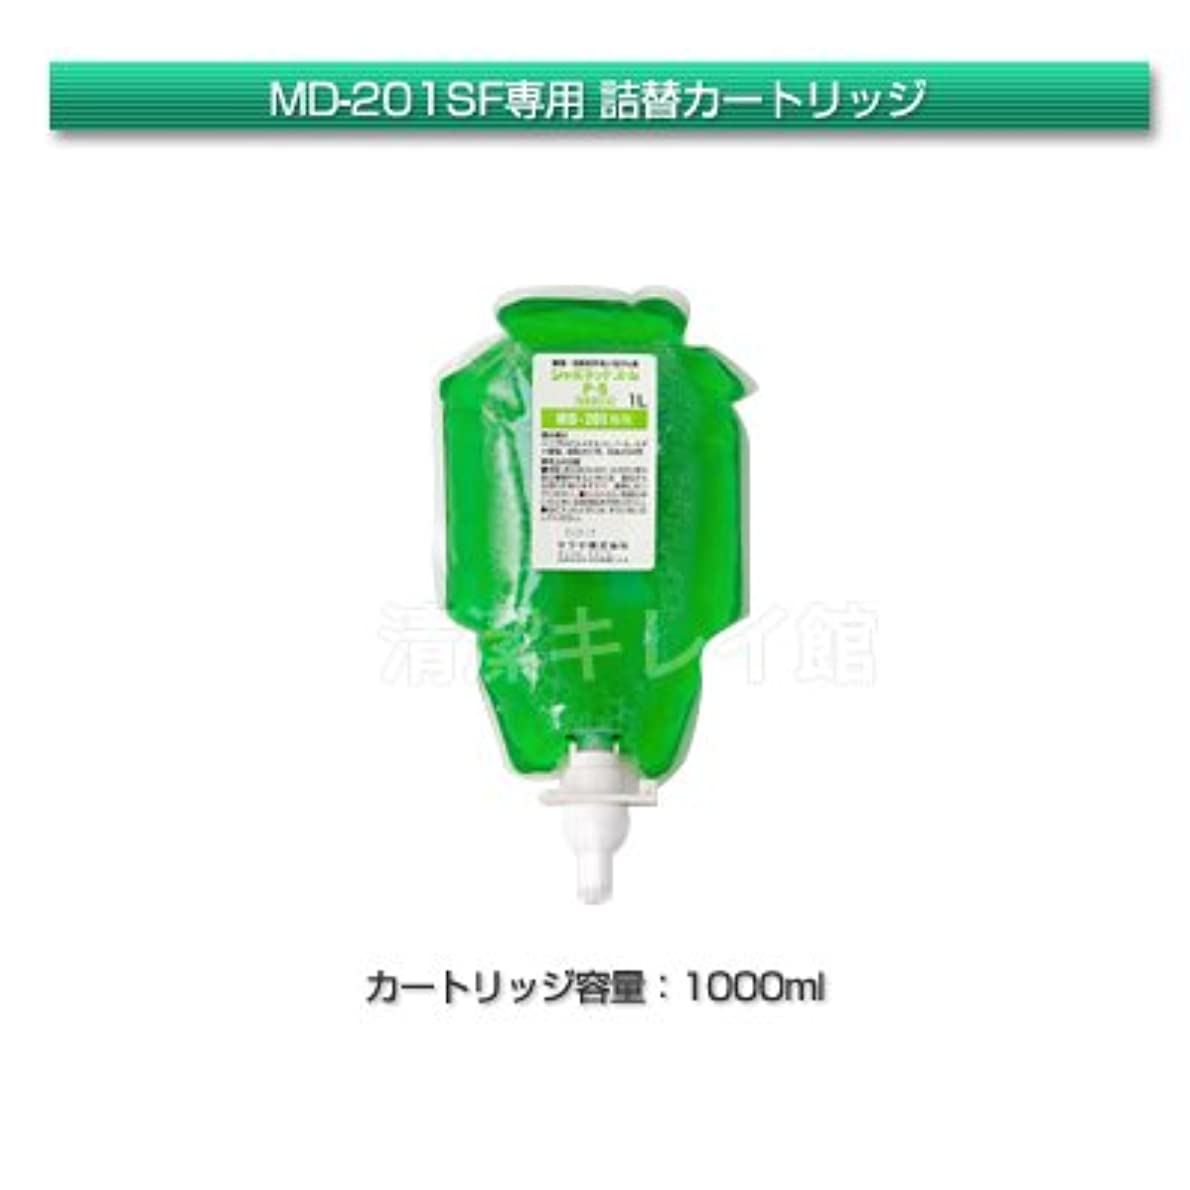 テクニカルランク比較的サラヤ プッシュ式石鹸液 MD-201SF(泡)専用カートリッジ(ユムP-5)1000ml【清潔キレイ館】